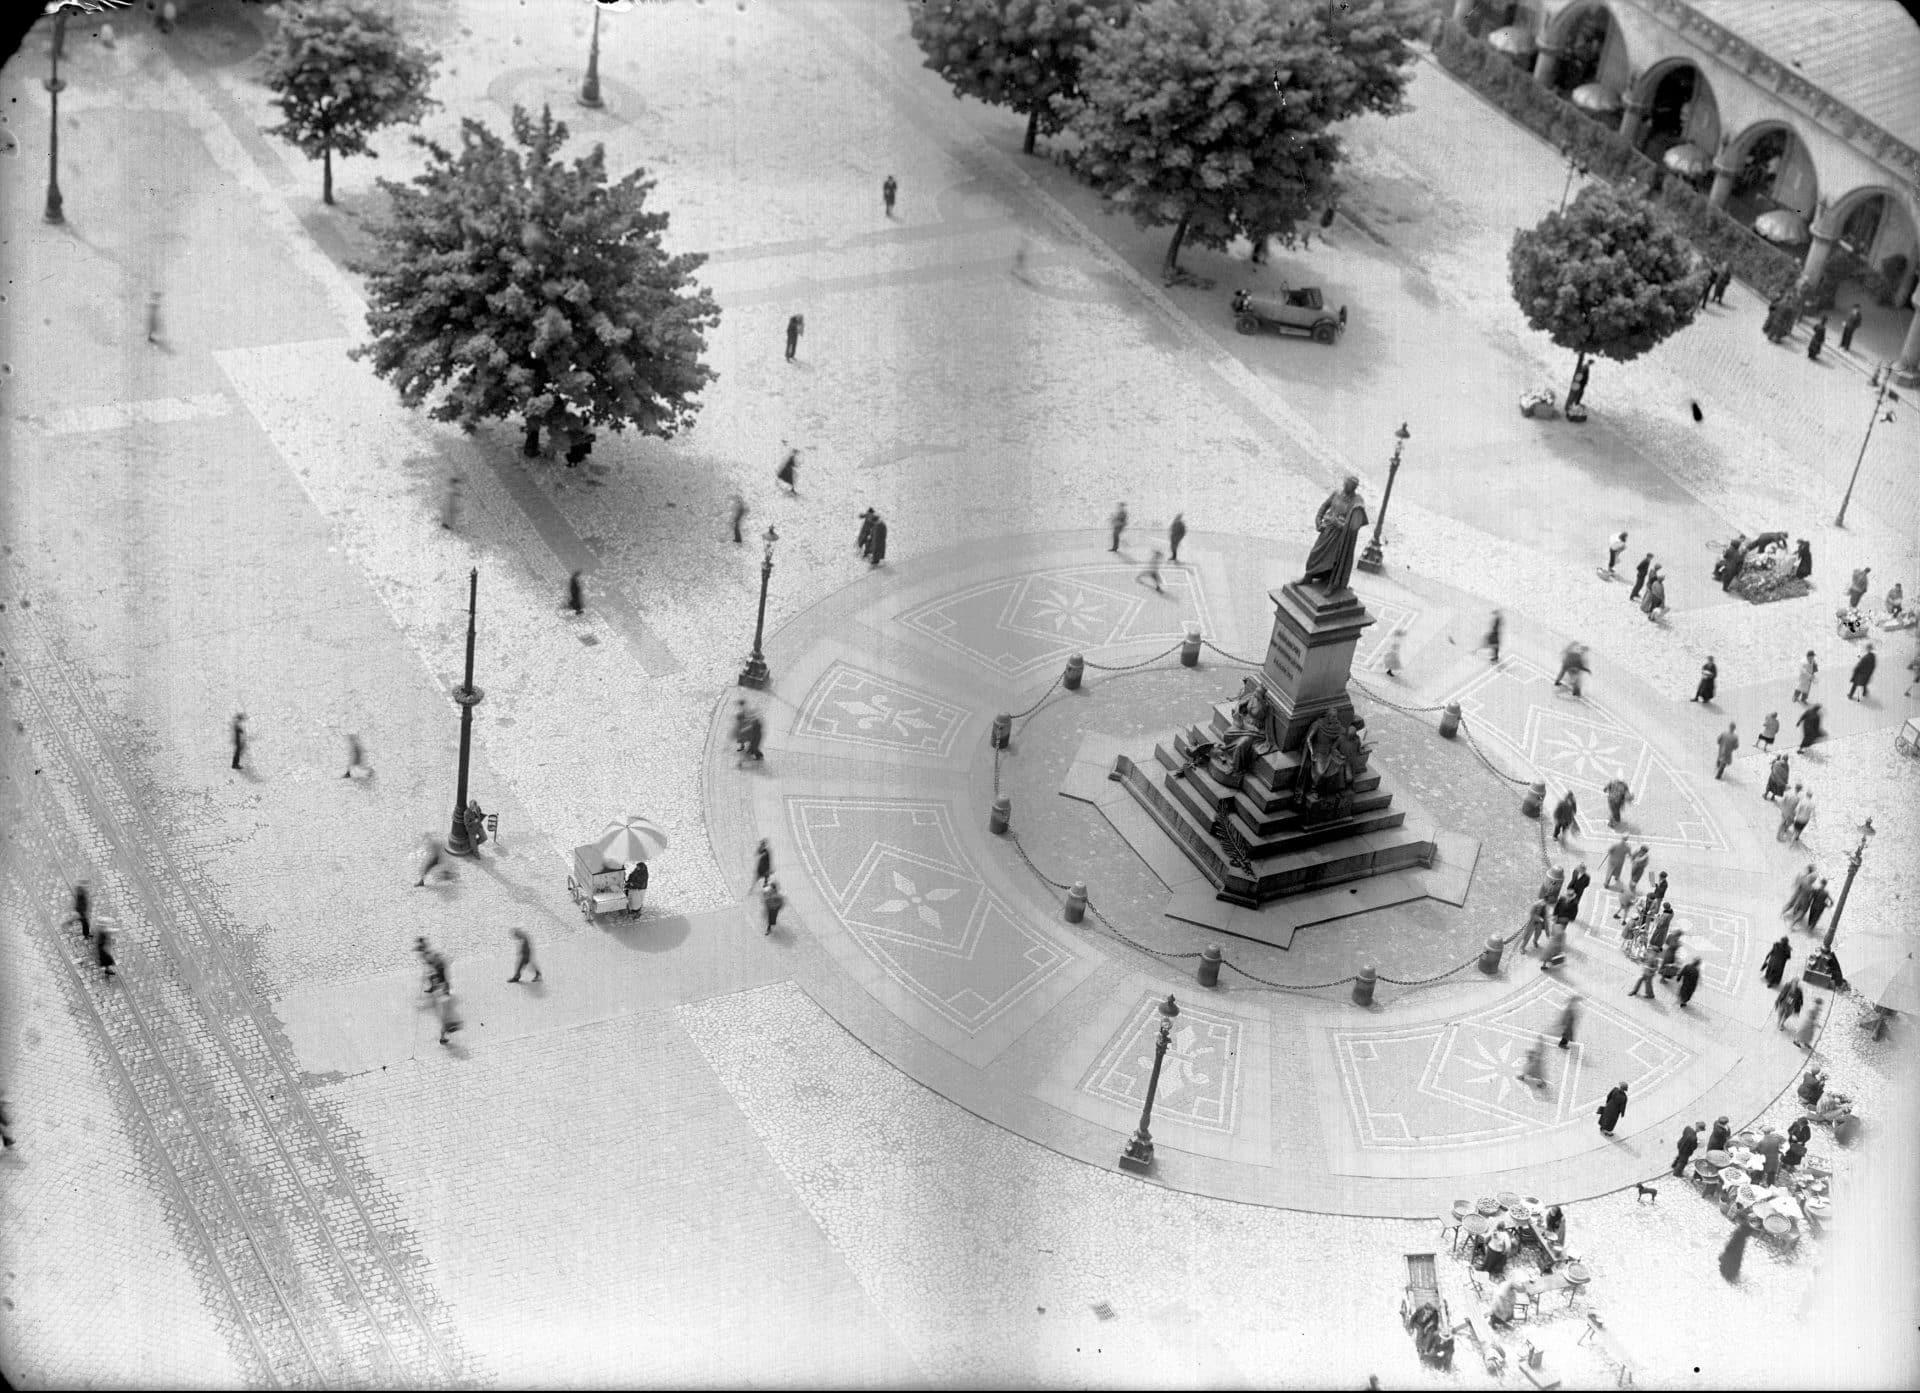 Pomnik Adama Mickiewicza na krakowskim Rynku. 1937 rok. Obok niego odbywał się targ, na którym służące do wszystkiego szukały pracy. Fot. NAC.